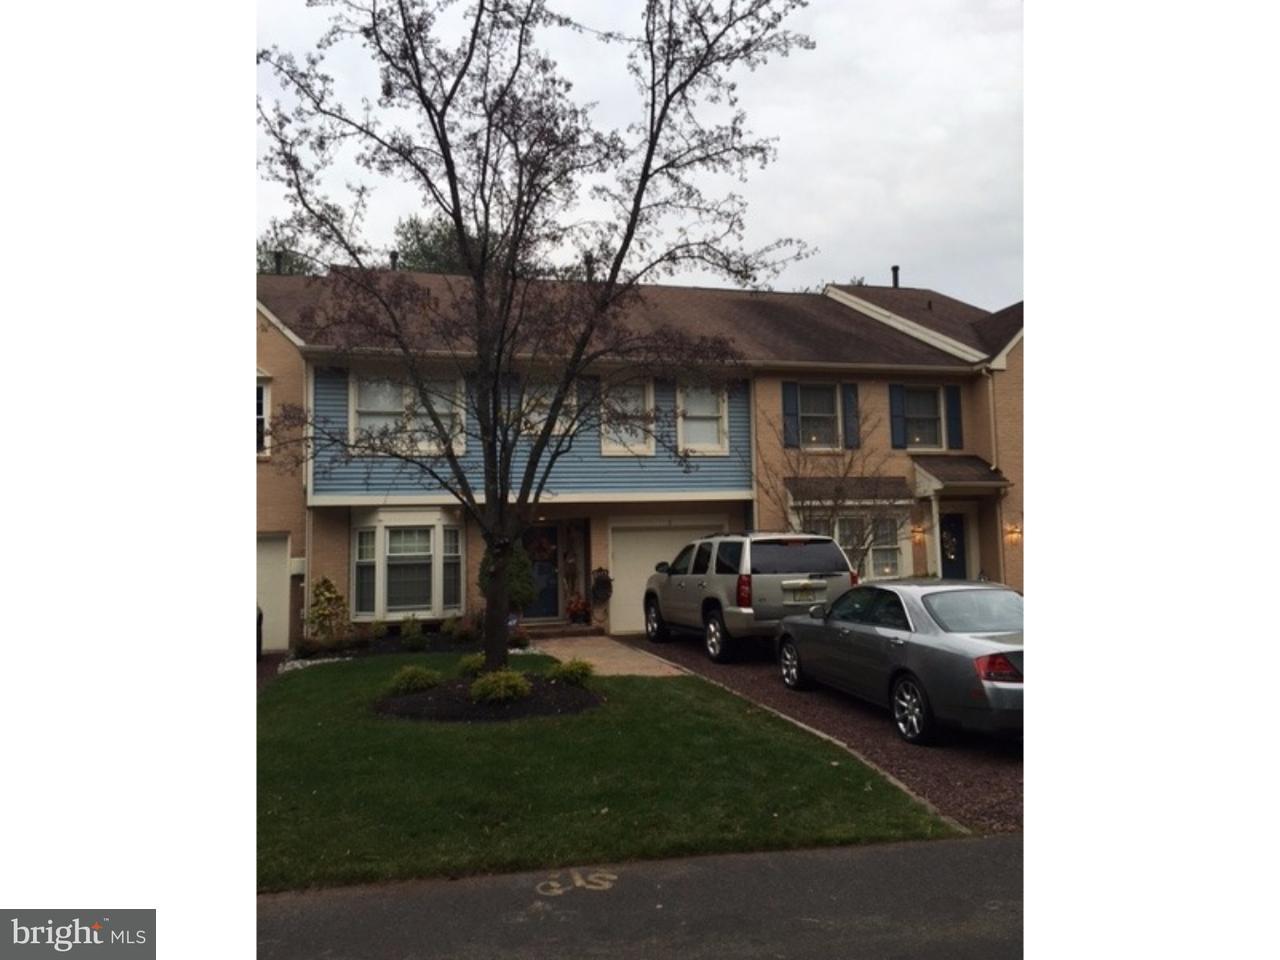 Casa unifamiliar adosada (Townhouse) por un Alquiler en 3 MAJESTIC WAY Marlton, Nueva Jersey 08053 Estados Unidos